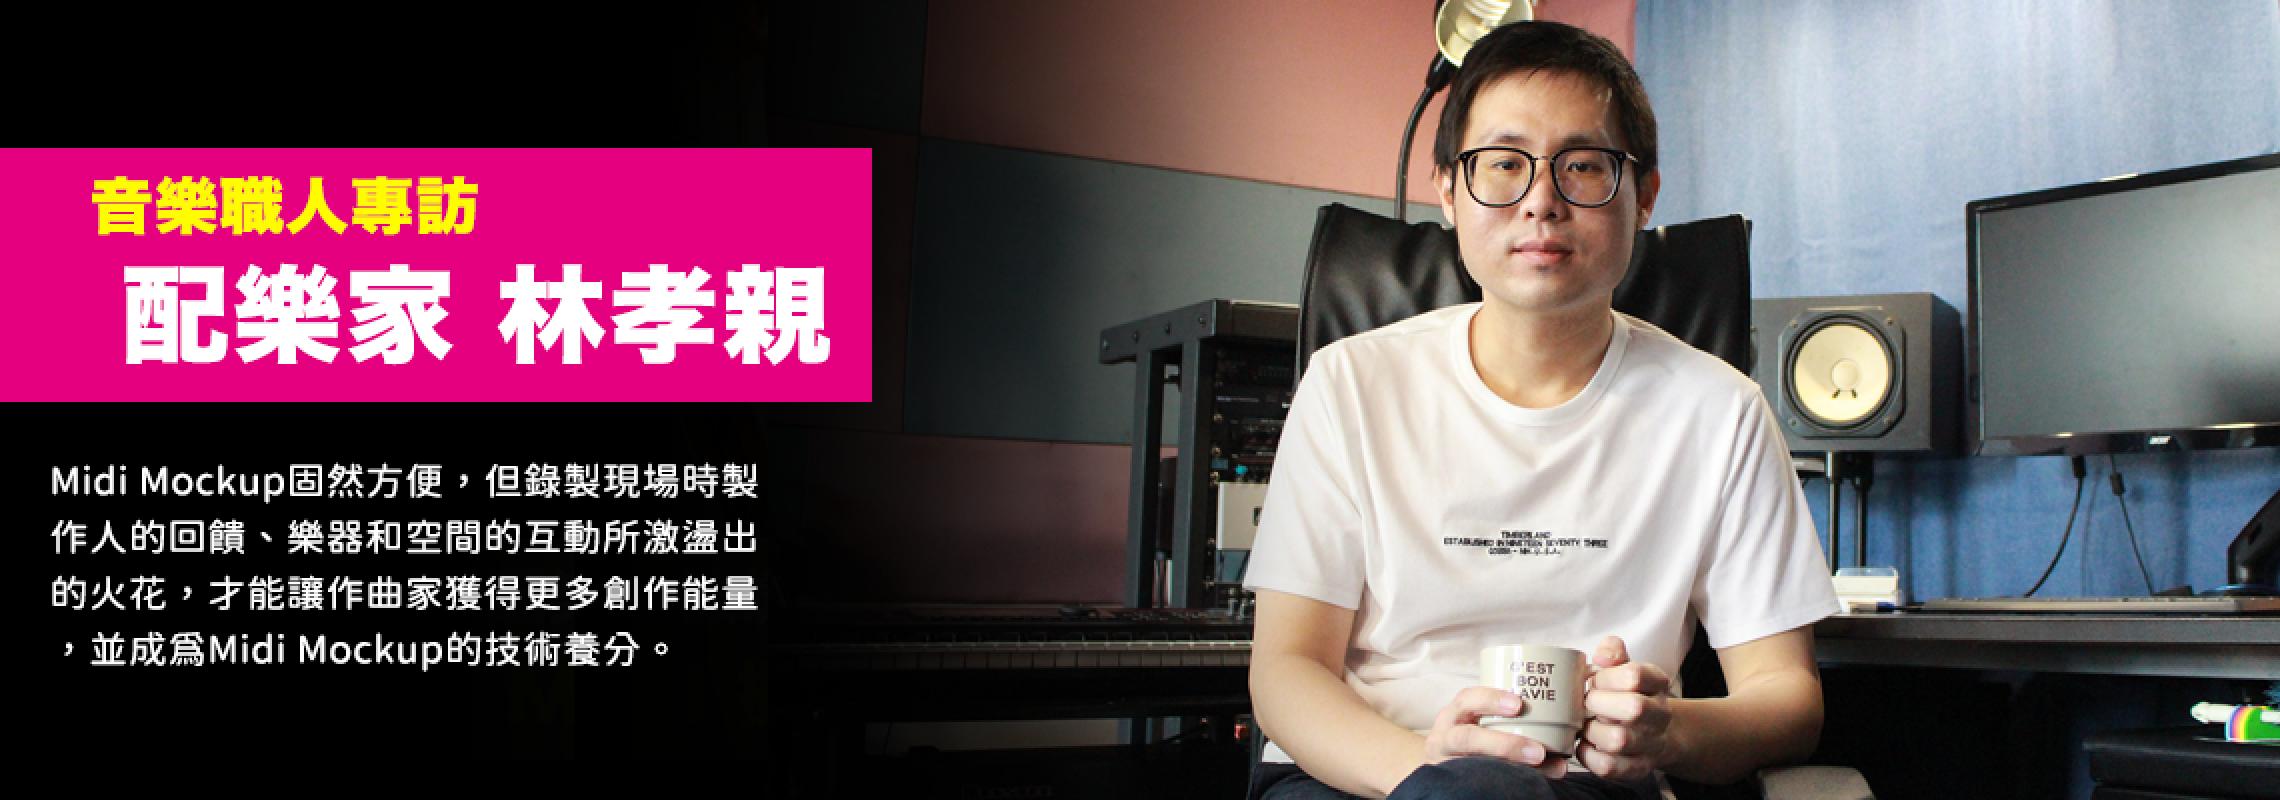 【專訪】配樂家林孝親 : Midi Mockup - 讀懂原廠說明書是關鍵!但現場經驗才是最好的養分